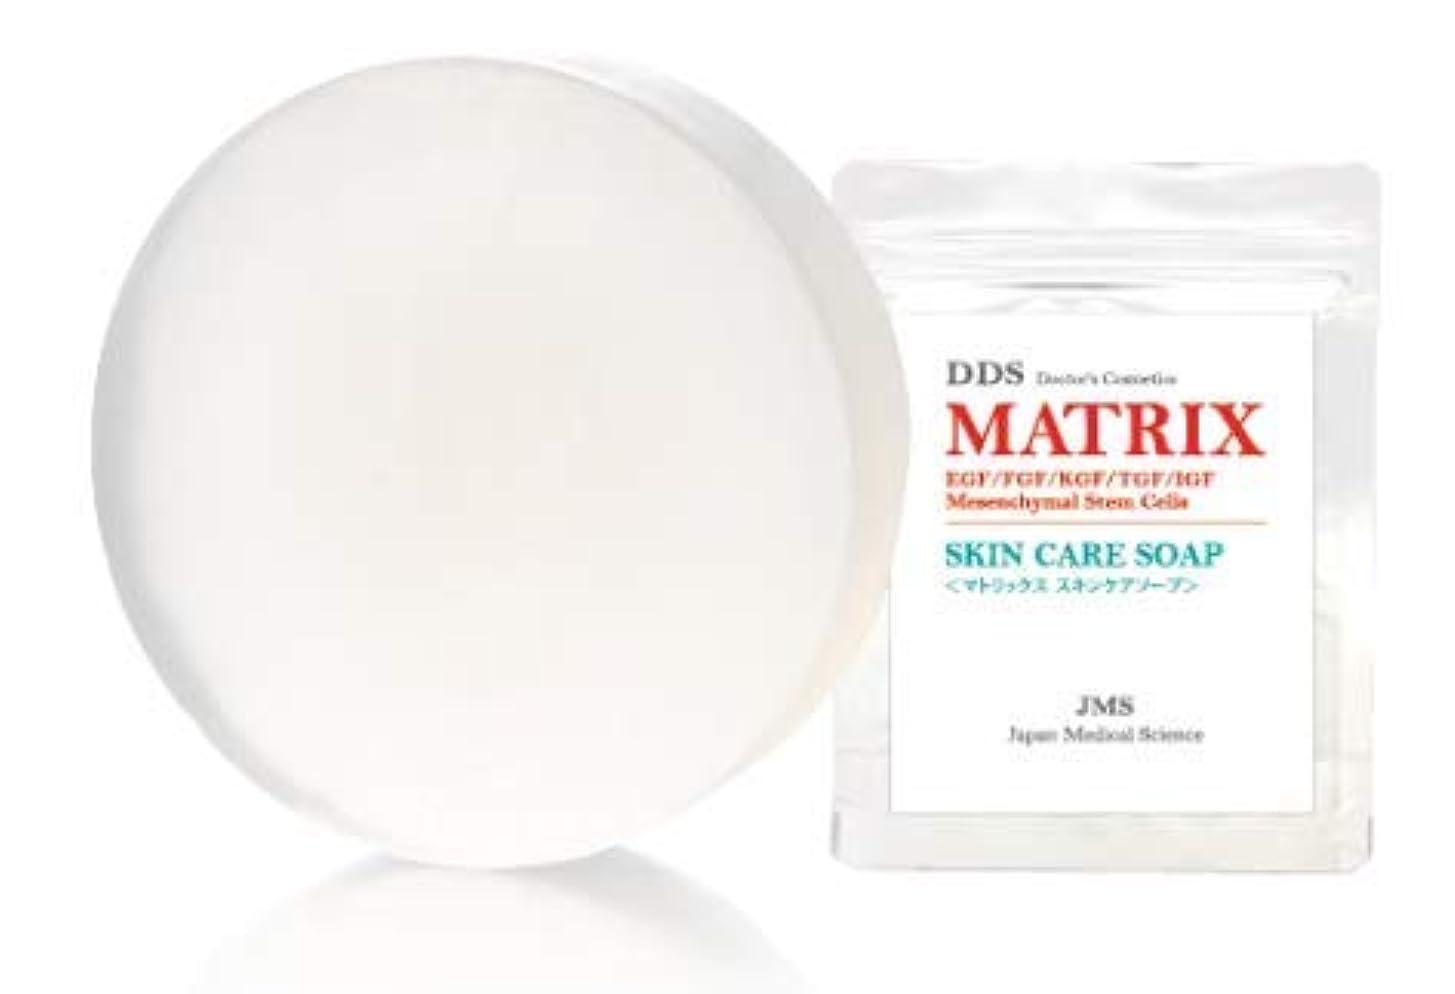 血まみれのこれら促進するDDS MATRIX SKIN CARE SOAP(マトリックス スキンケア ソープ)80g 洗顔石鹸 全身にも